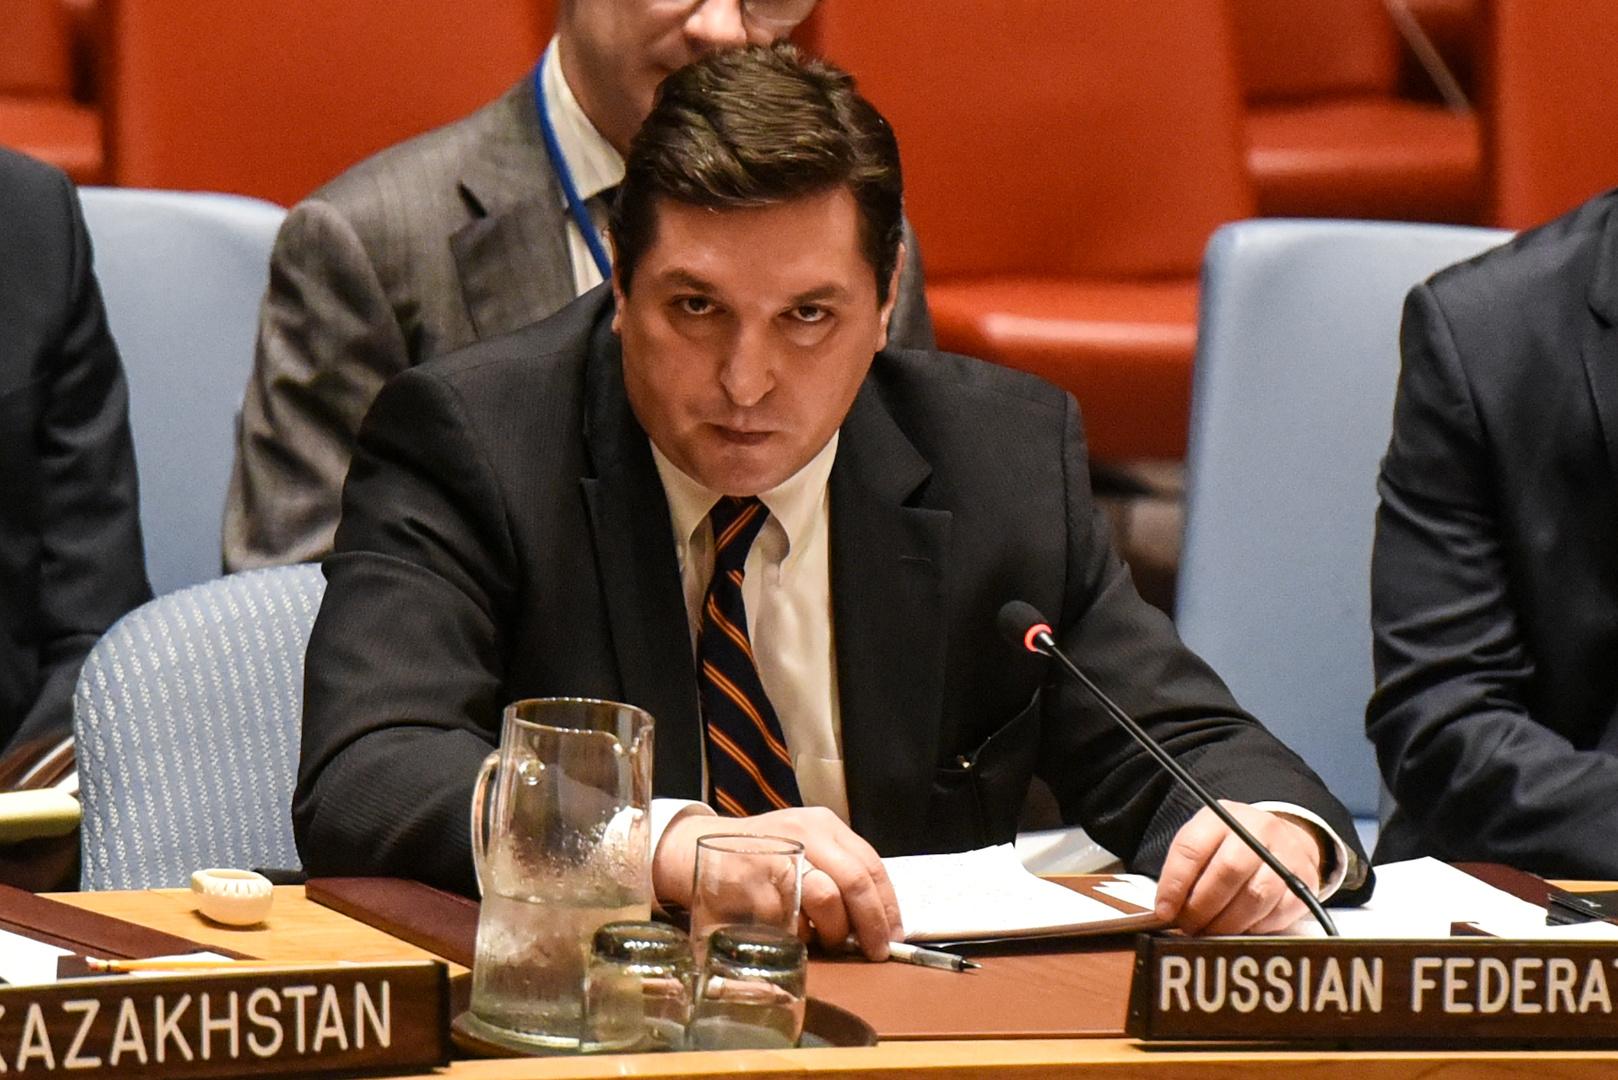 المبعوث الخاص لوزير الخارجية الروسي فلاديمير سافرونكوف